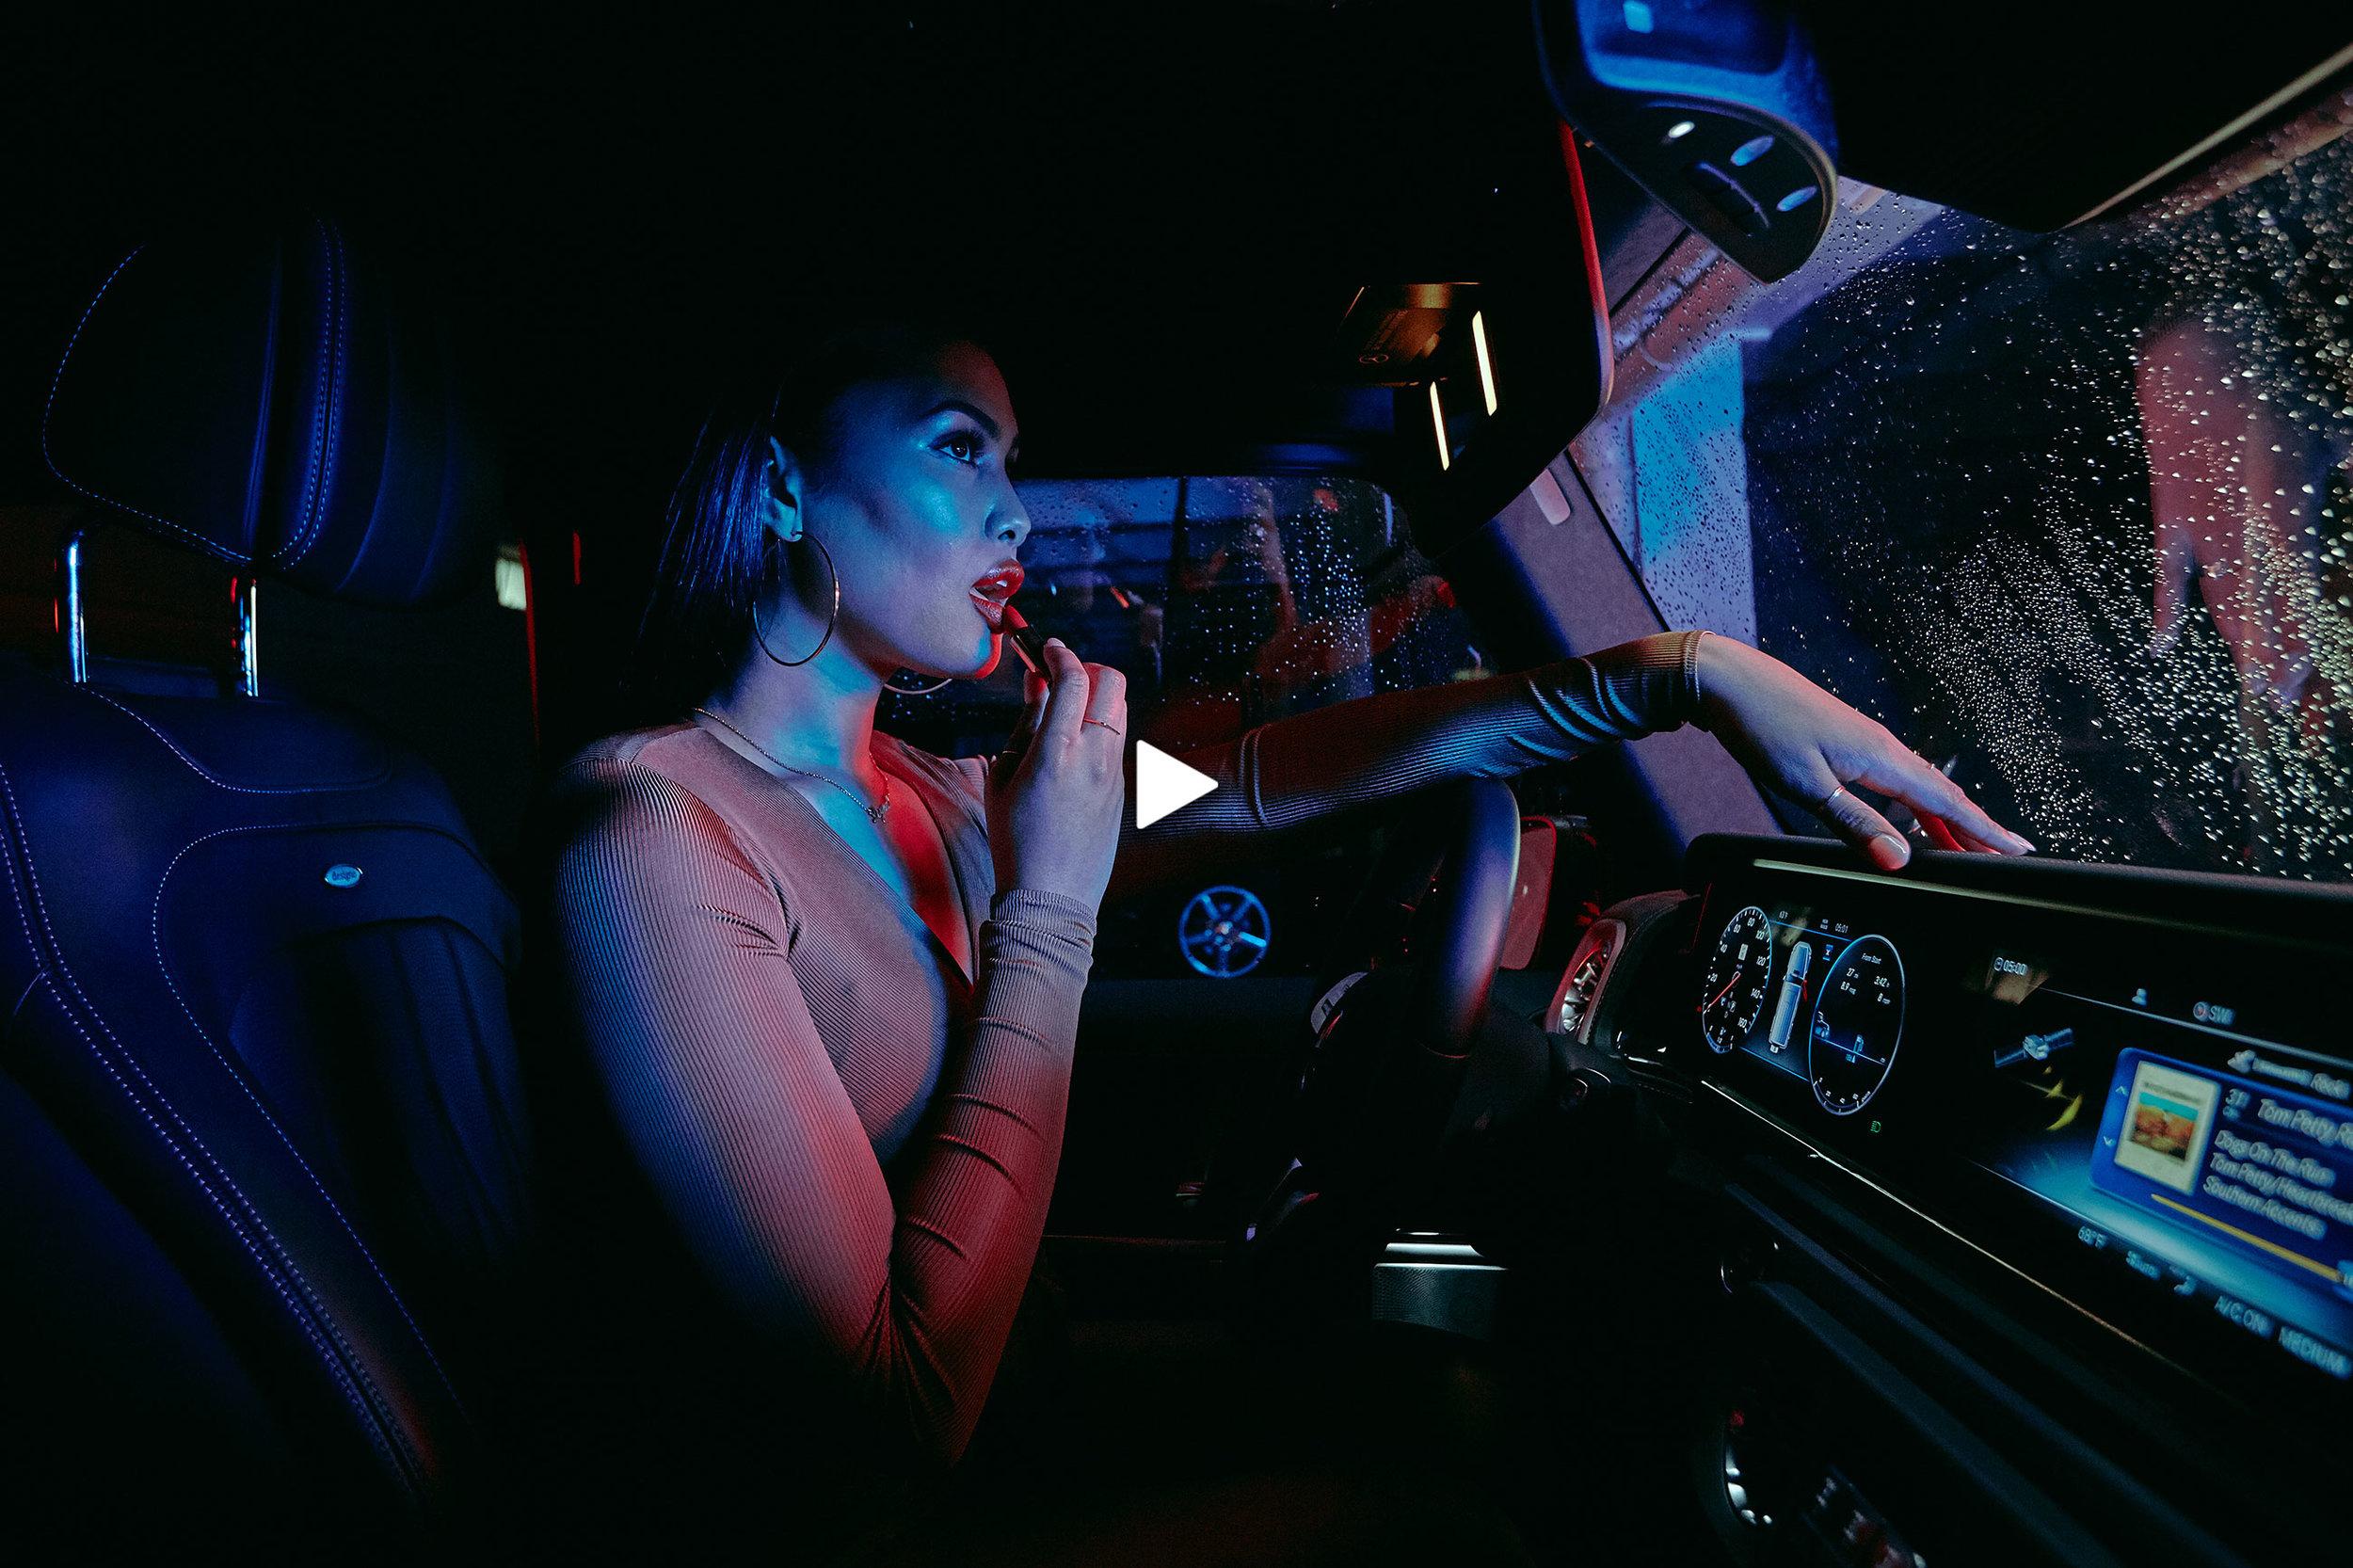 Mercedes-Benz - LGBTQ Campaign (Click for Case Study)